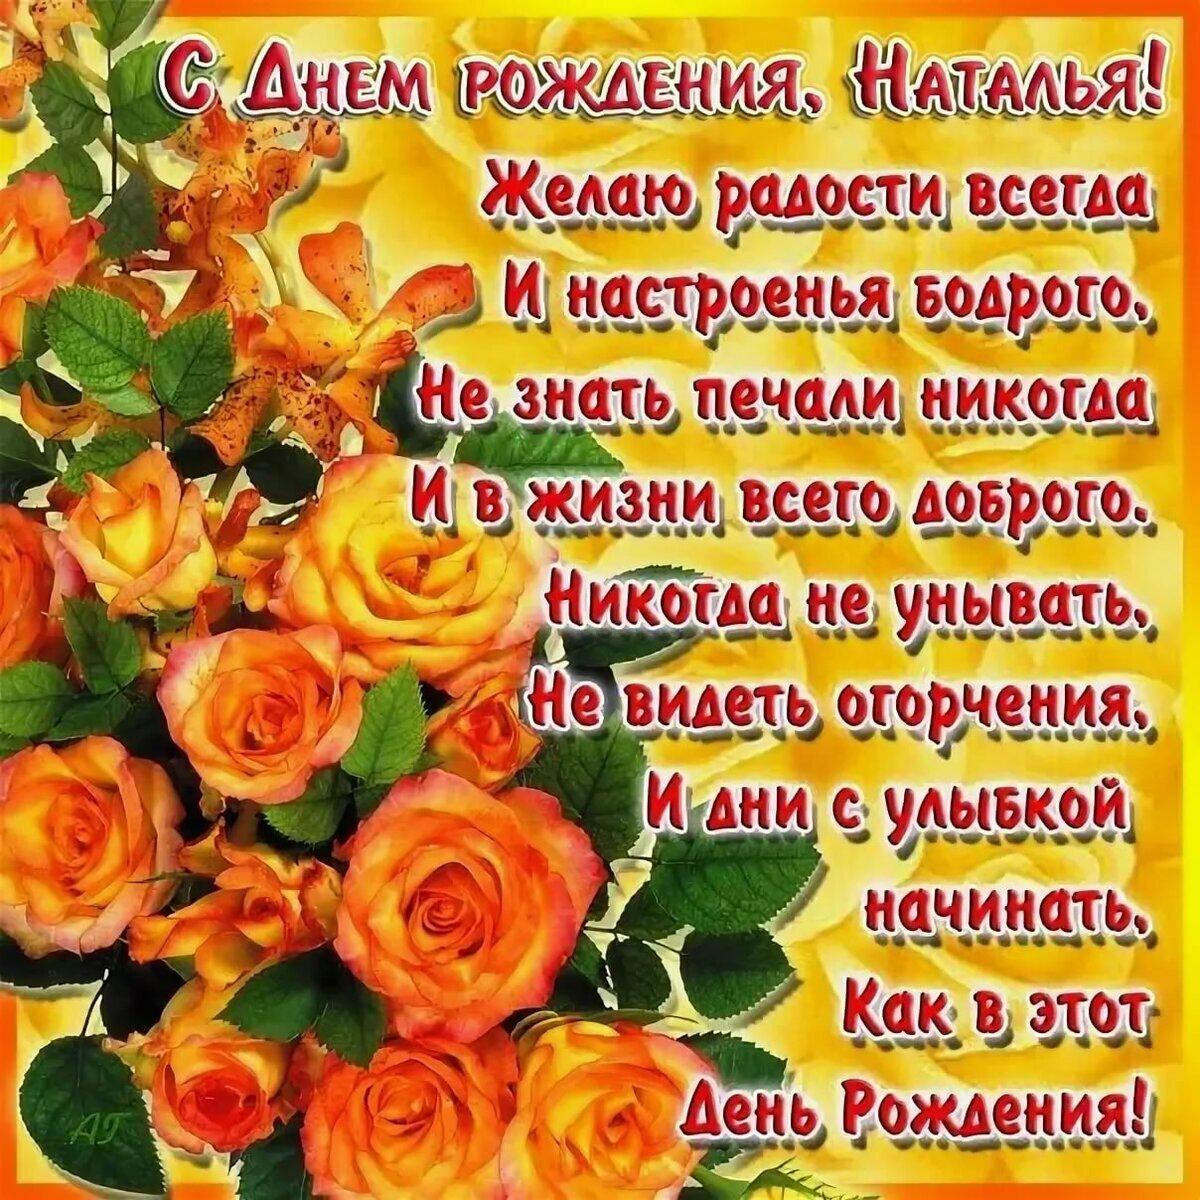 Поздравления с днем рождения женщине красивые с картинками с именем наташа, добрым